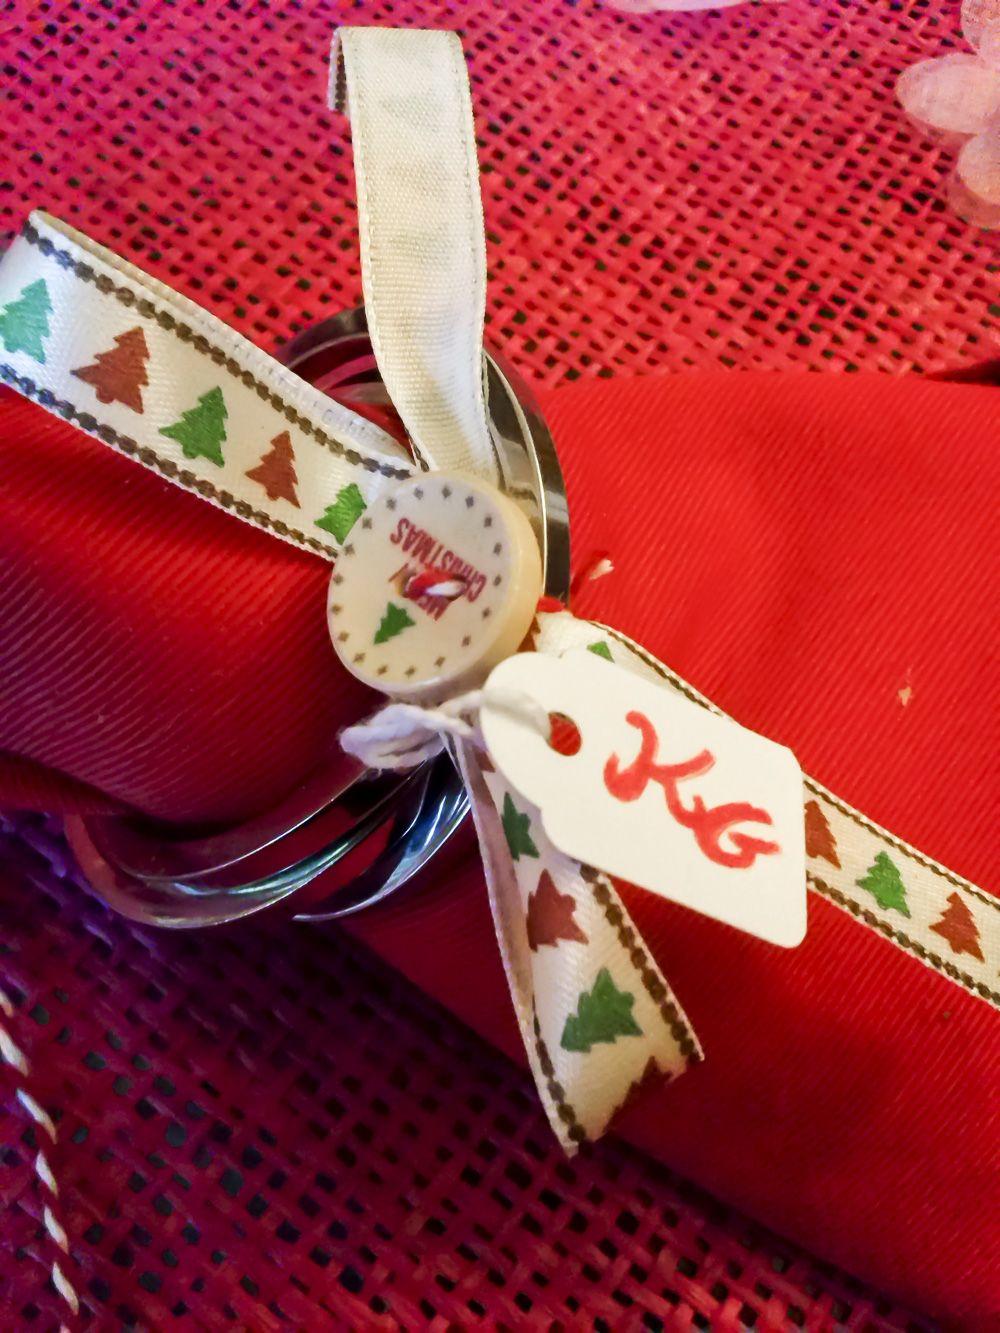 Idee Regalo Natale A Basso Costo.Portatovaglioli Di Natale Una Semplicissima Idea Regalo